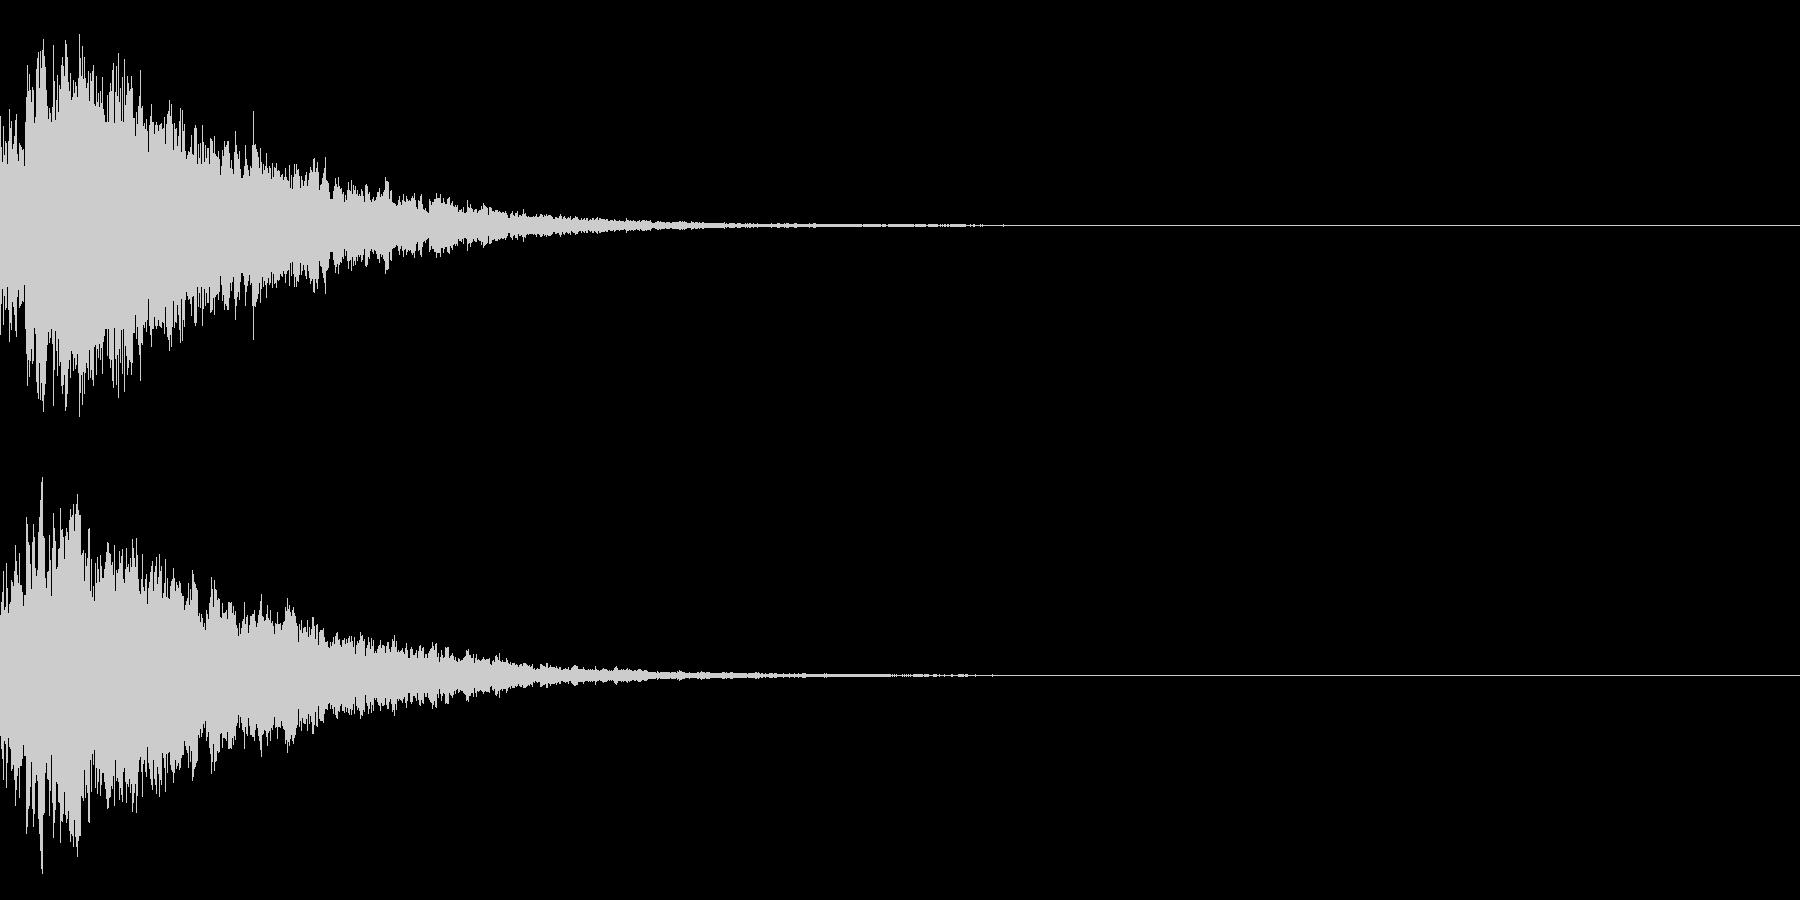 キラキラ光る☆テロップ音 ボタン音 04の未再生の波形